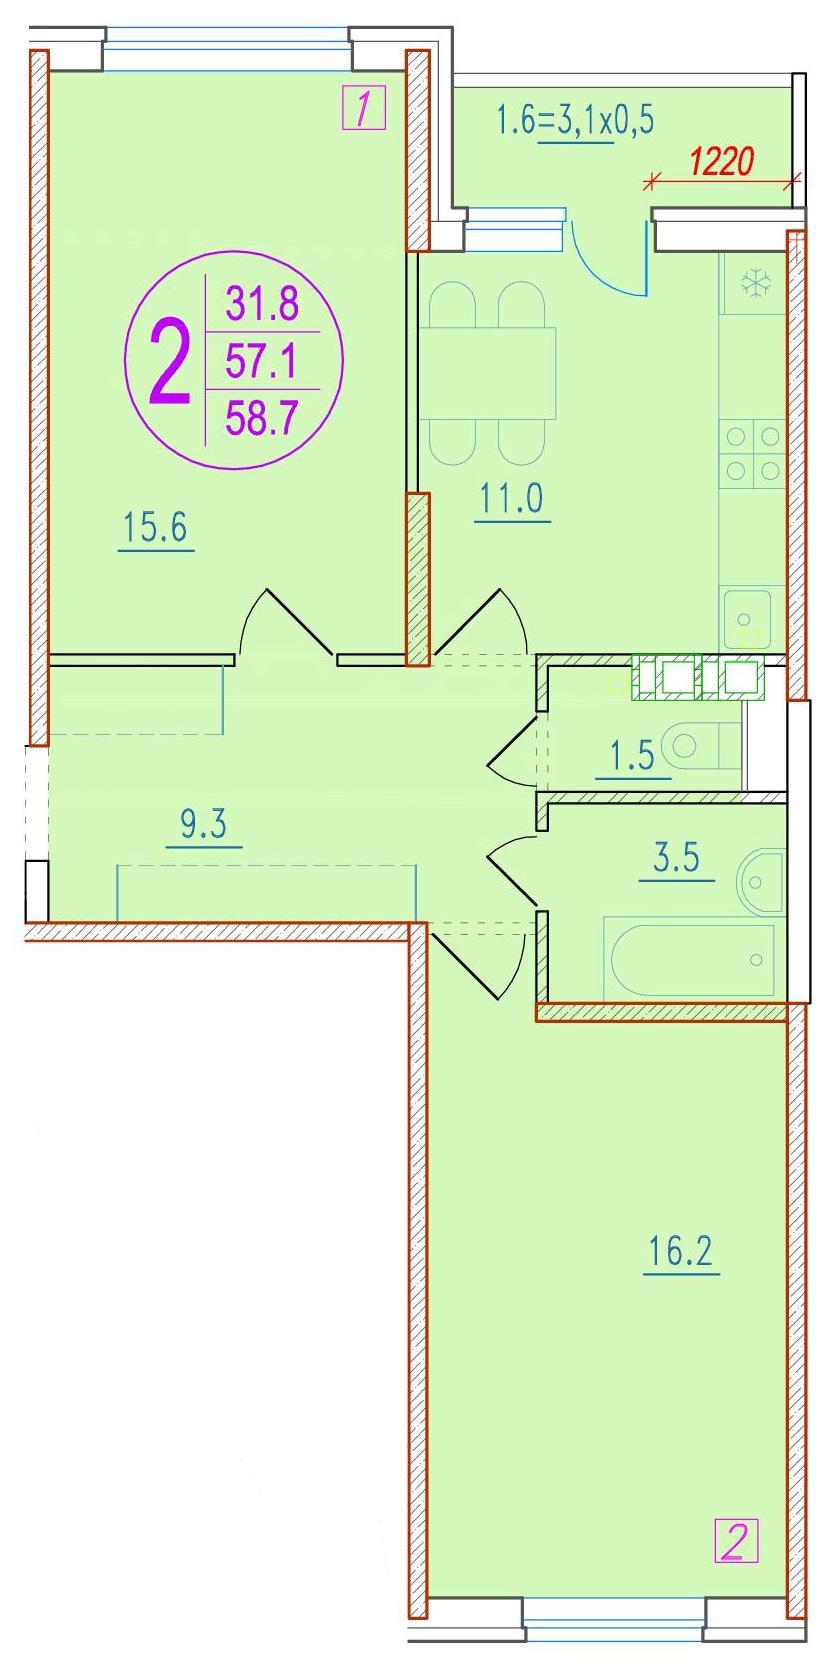 2-комнатная 58.7<span>м<sup>2</sup></span>